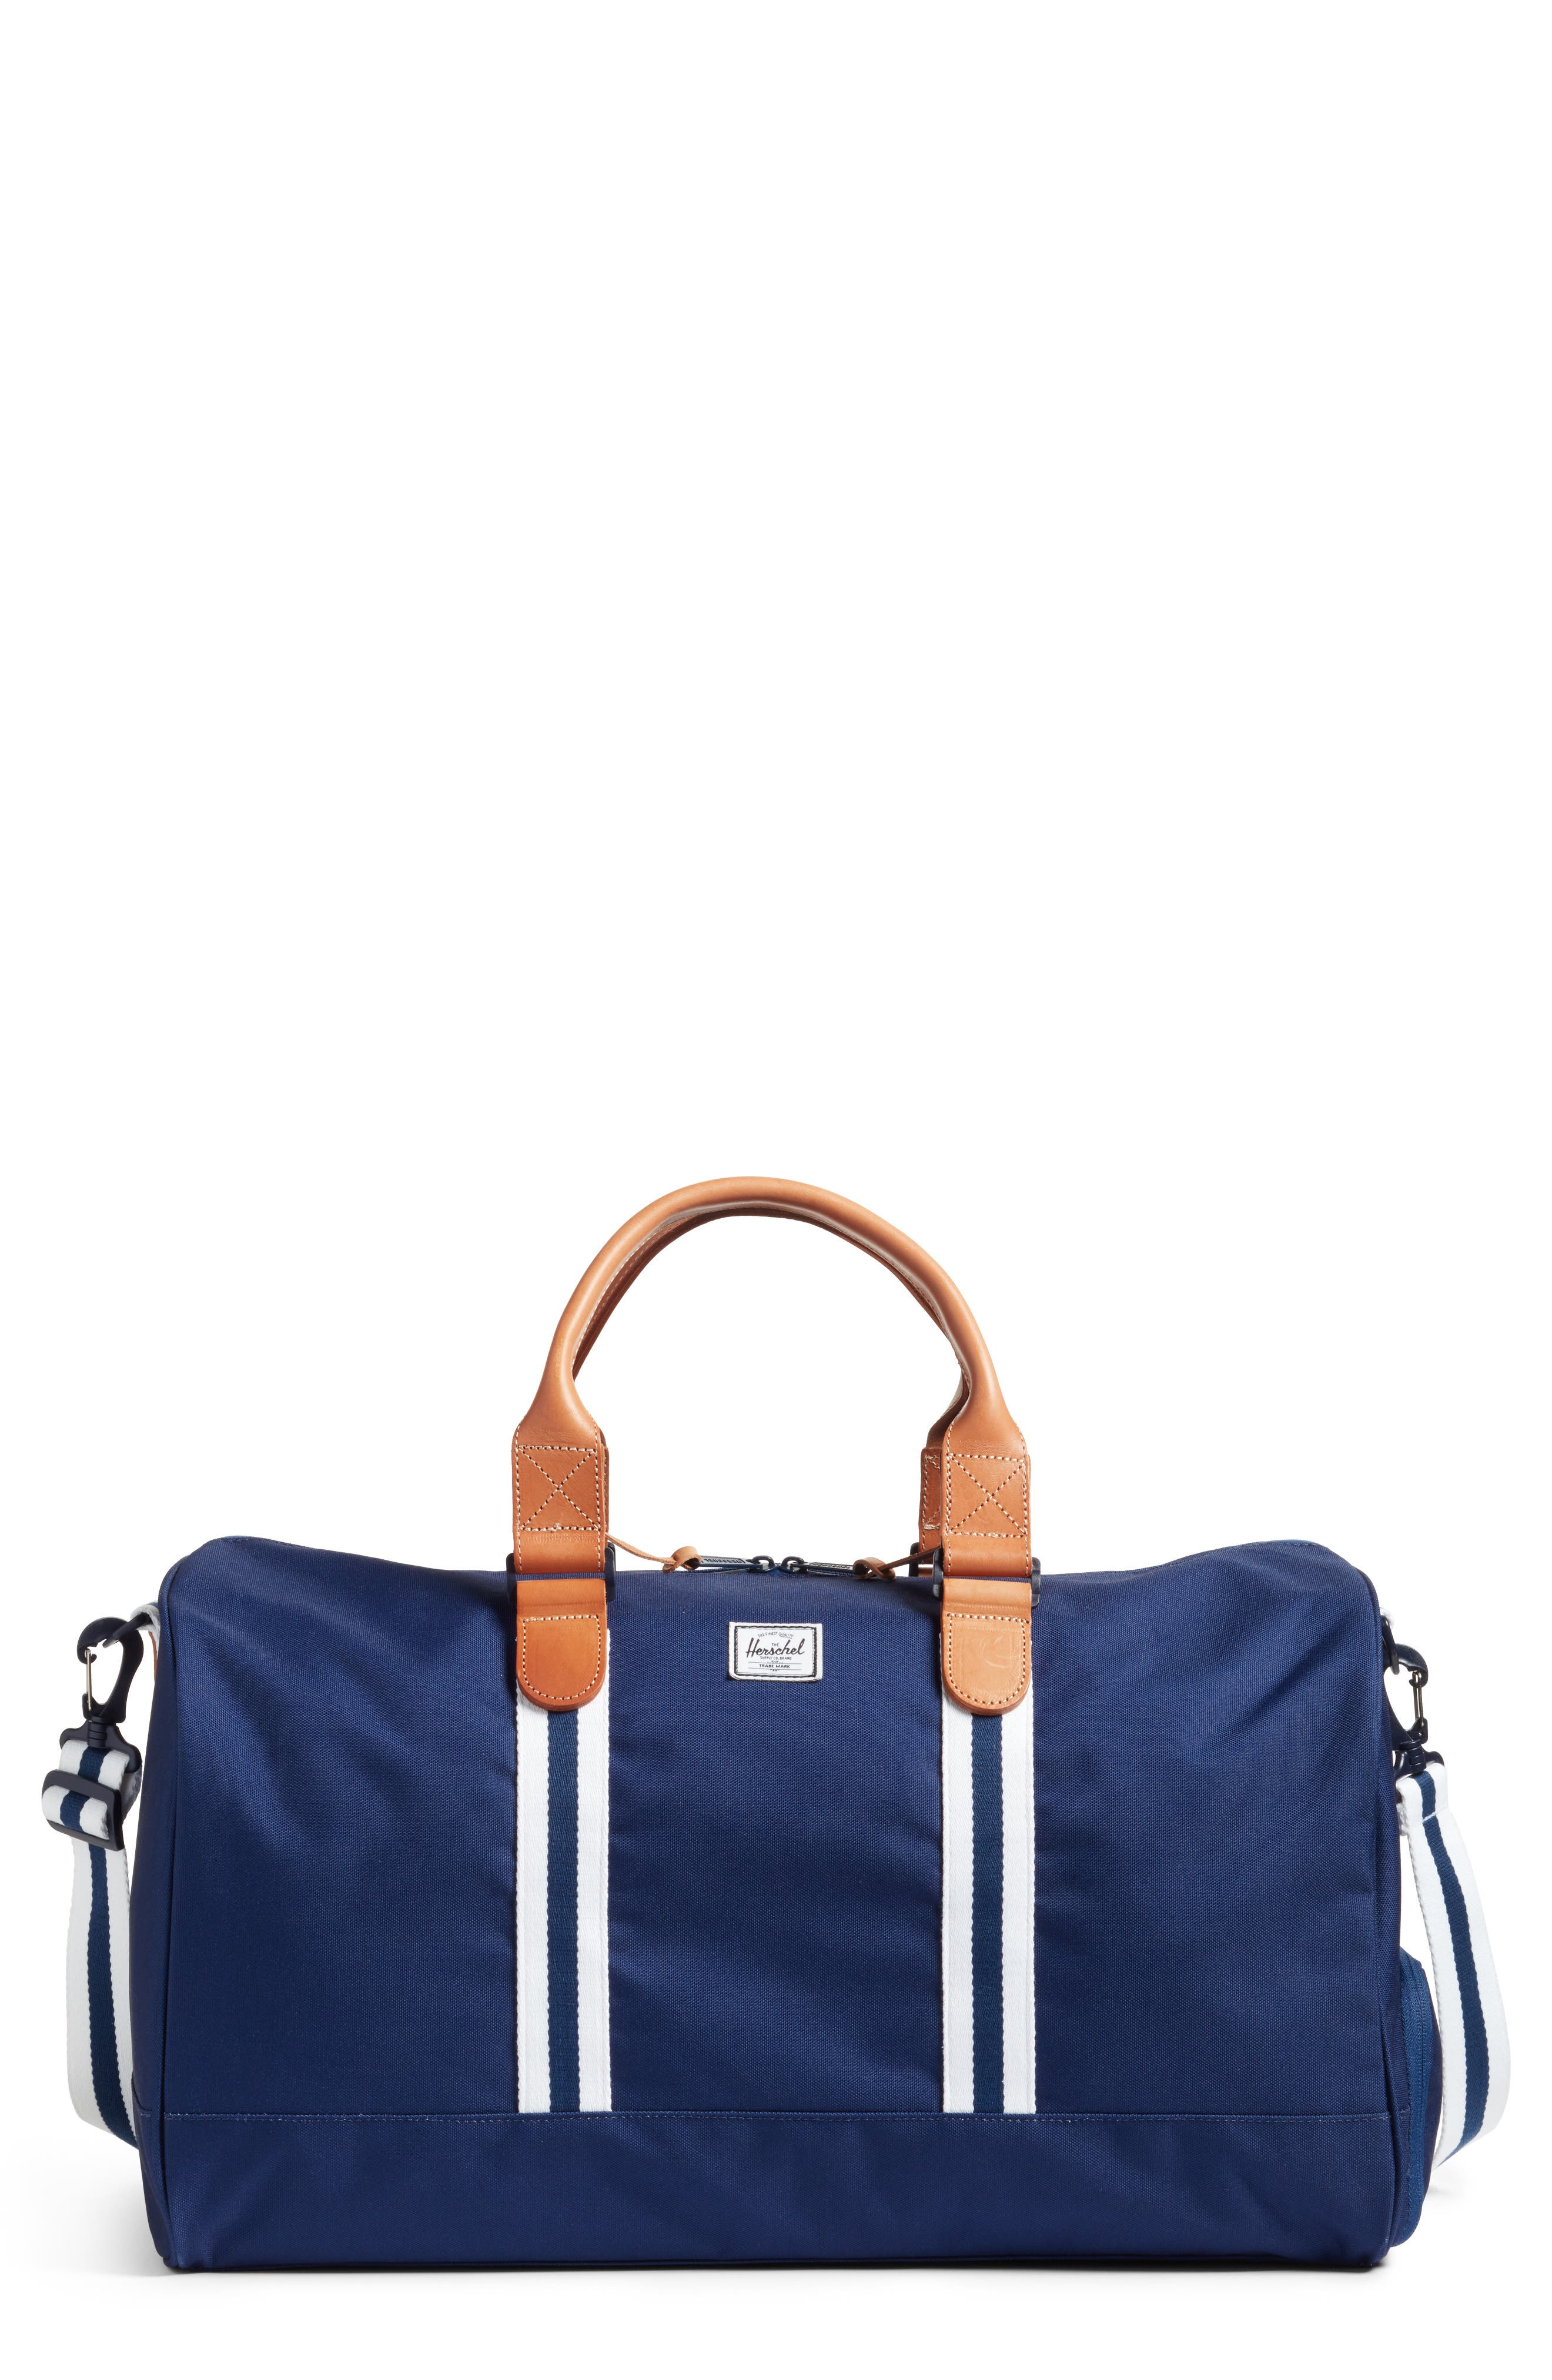 Main Image - Herschel Supply Co. Novel Duffel Bag